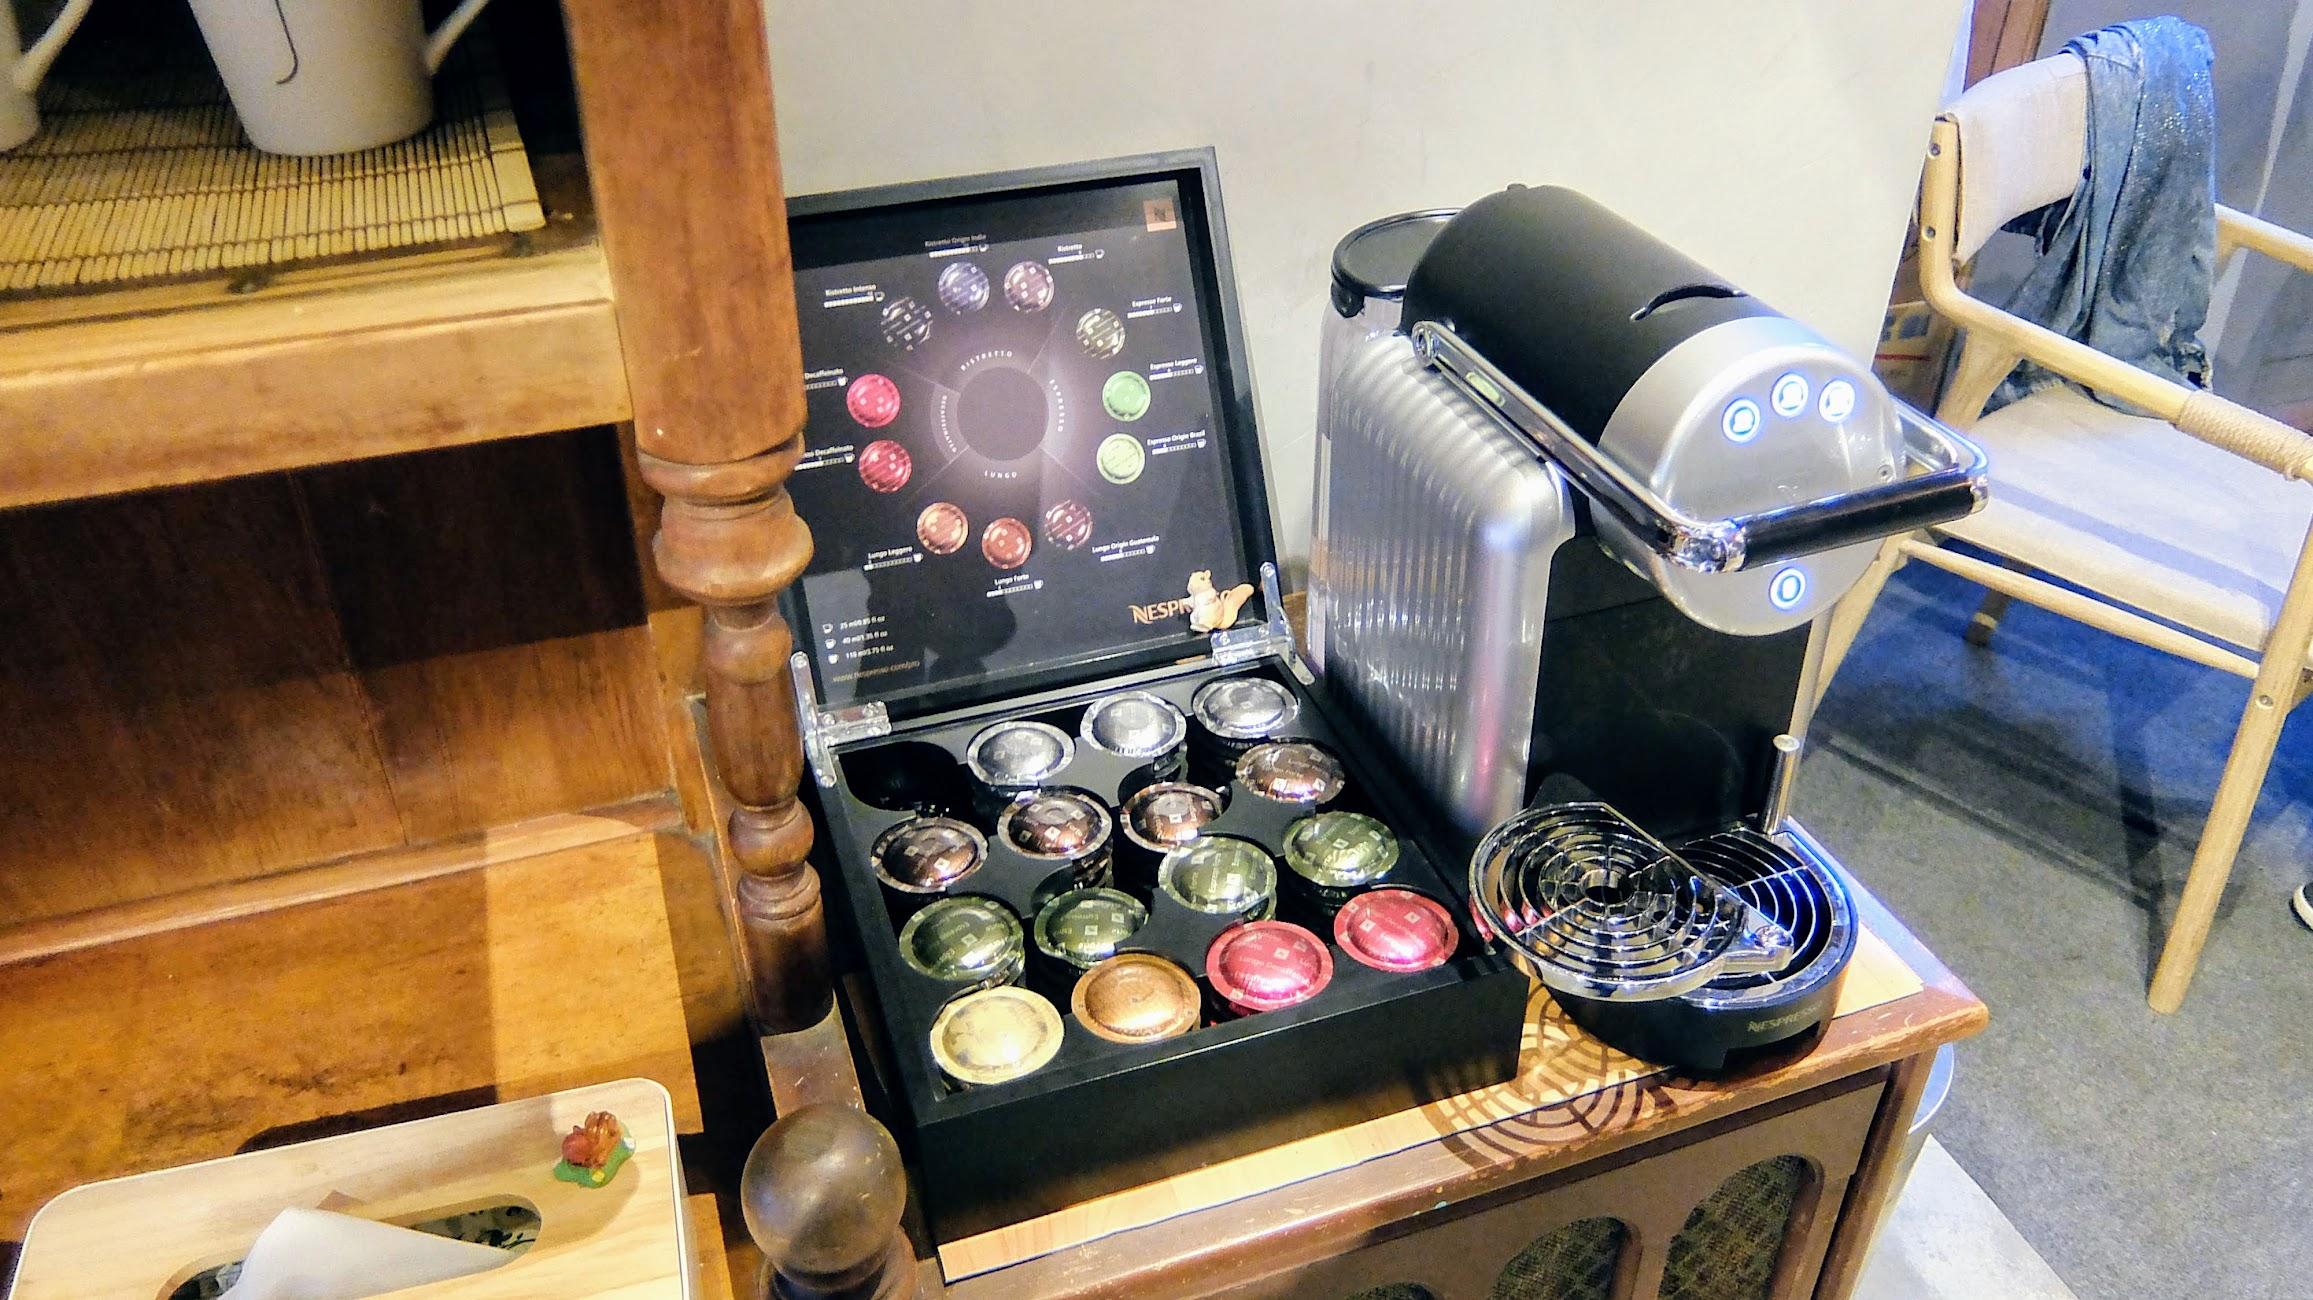 這個膠囊咖啡不賴! 免費,當然就一人一杯先泡來喝...